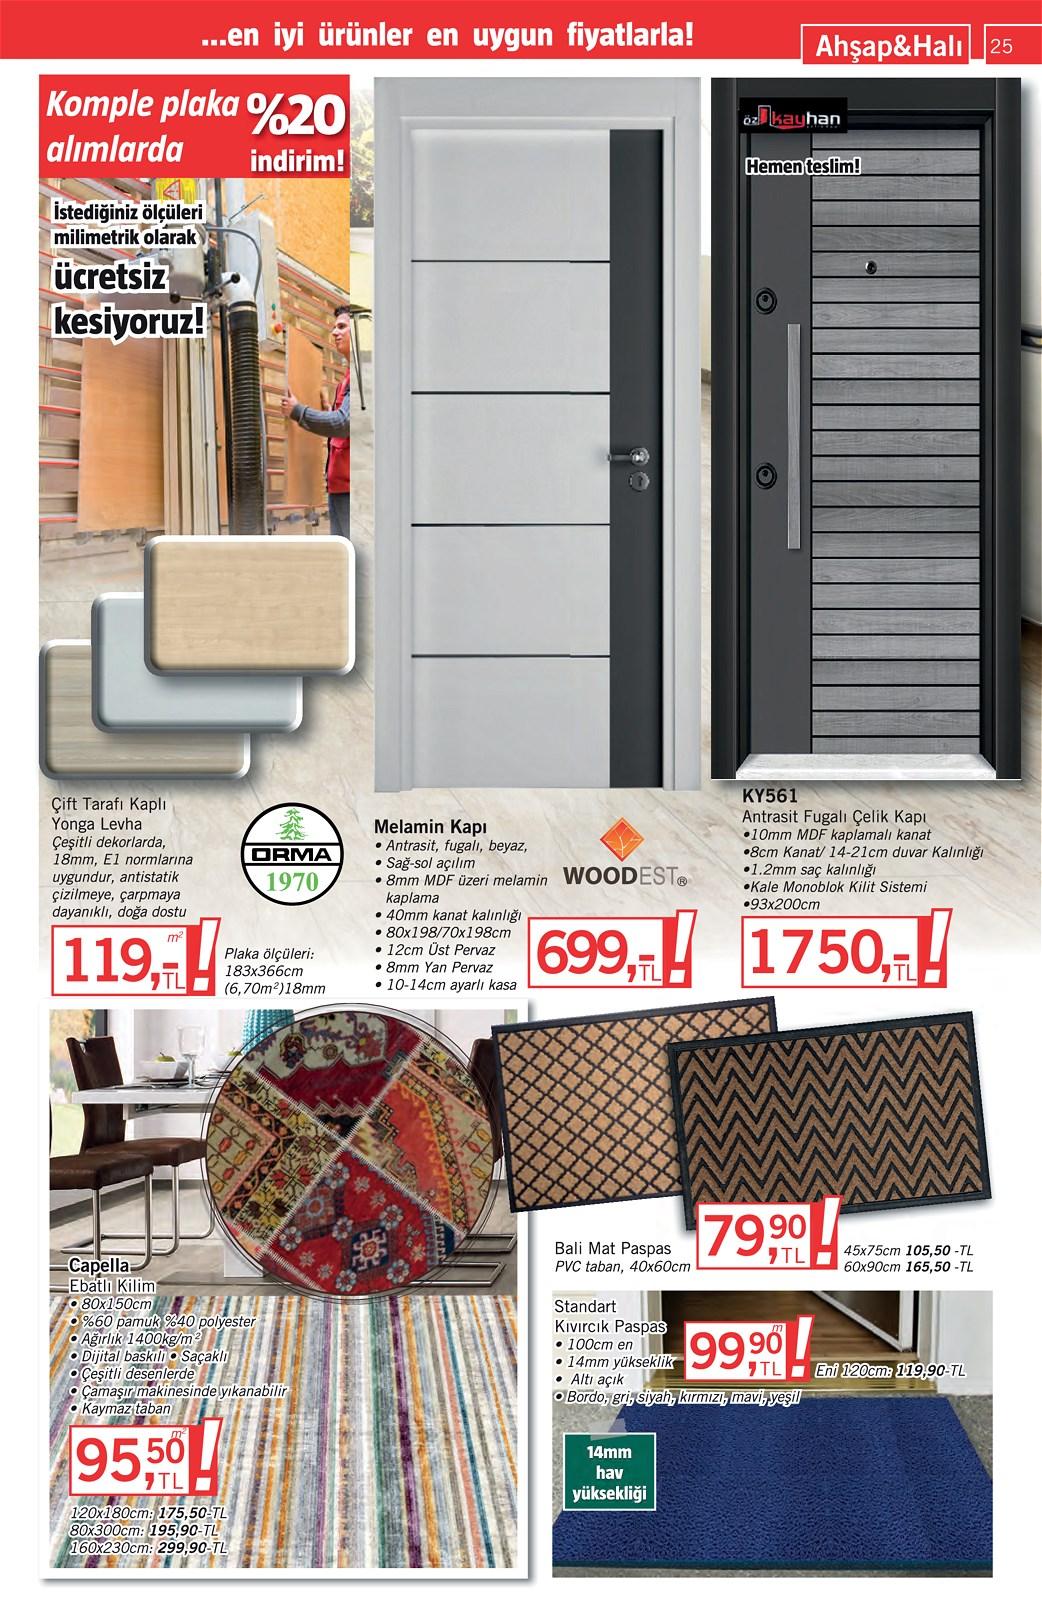 25.09.2021 Bauhaus broşürü 25. sayfa